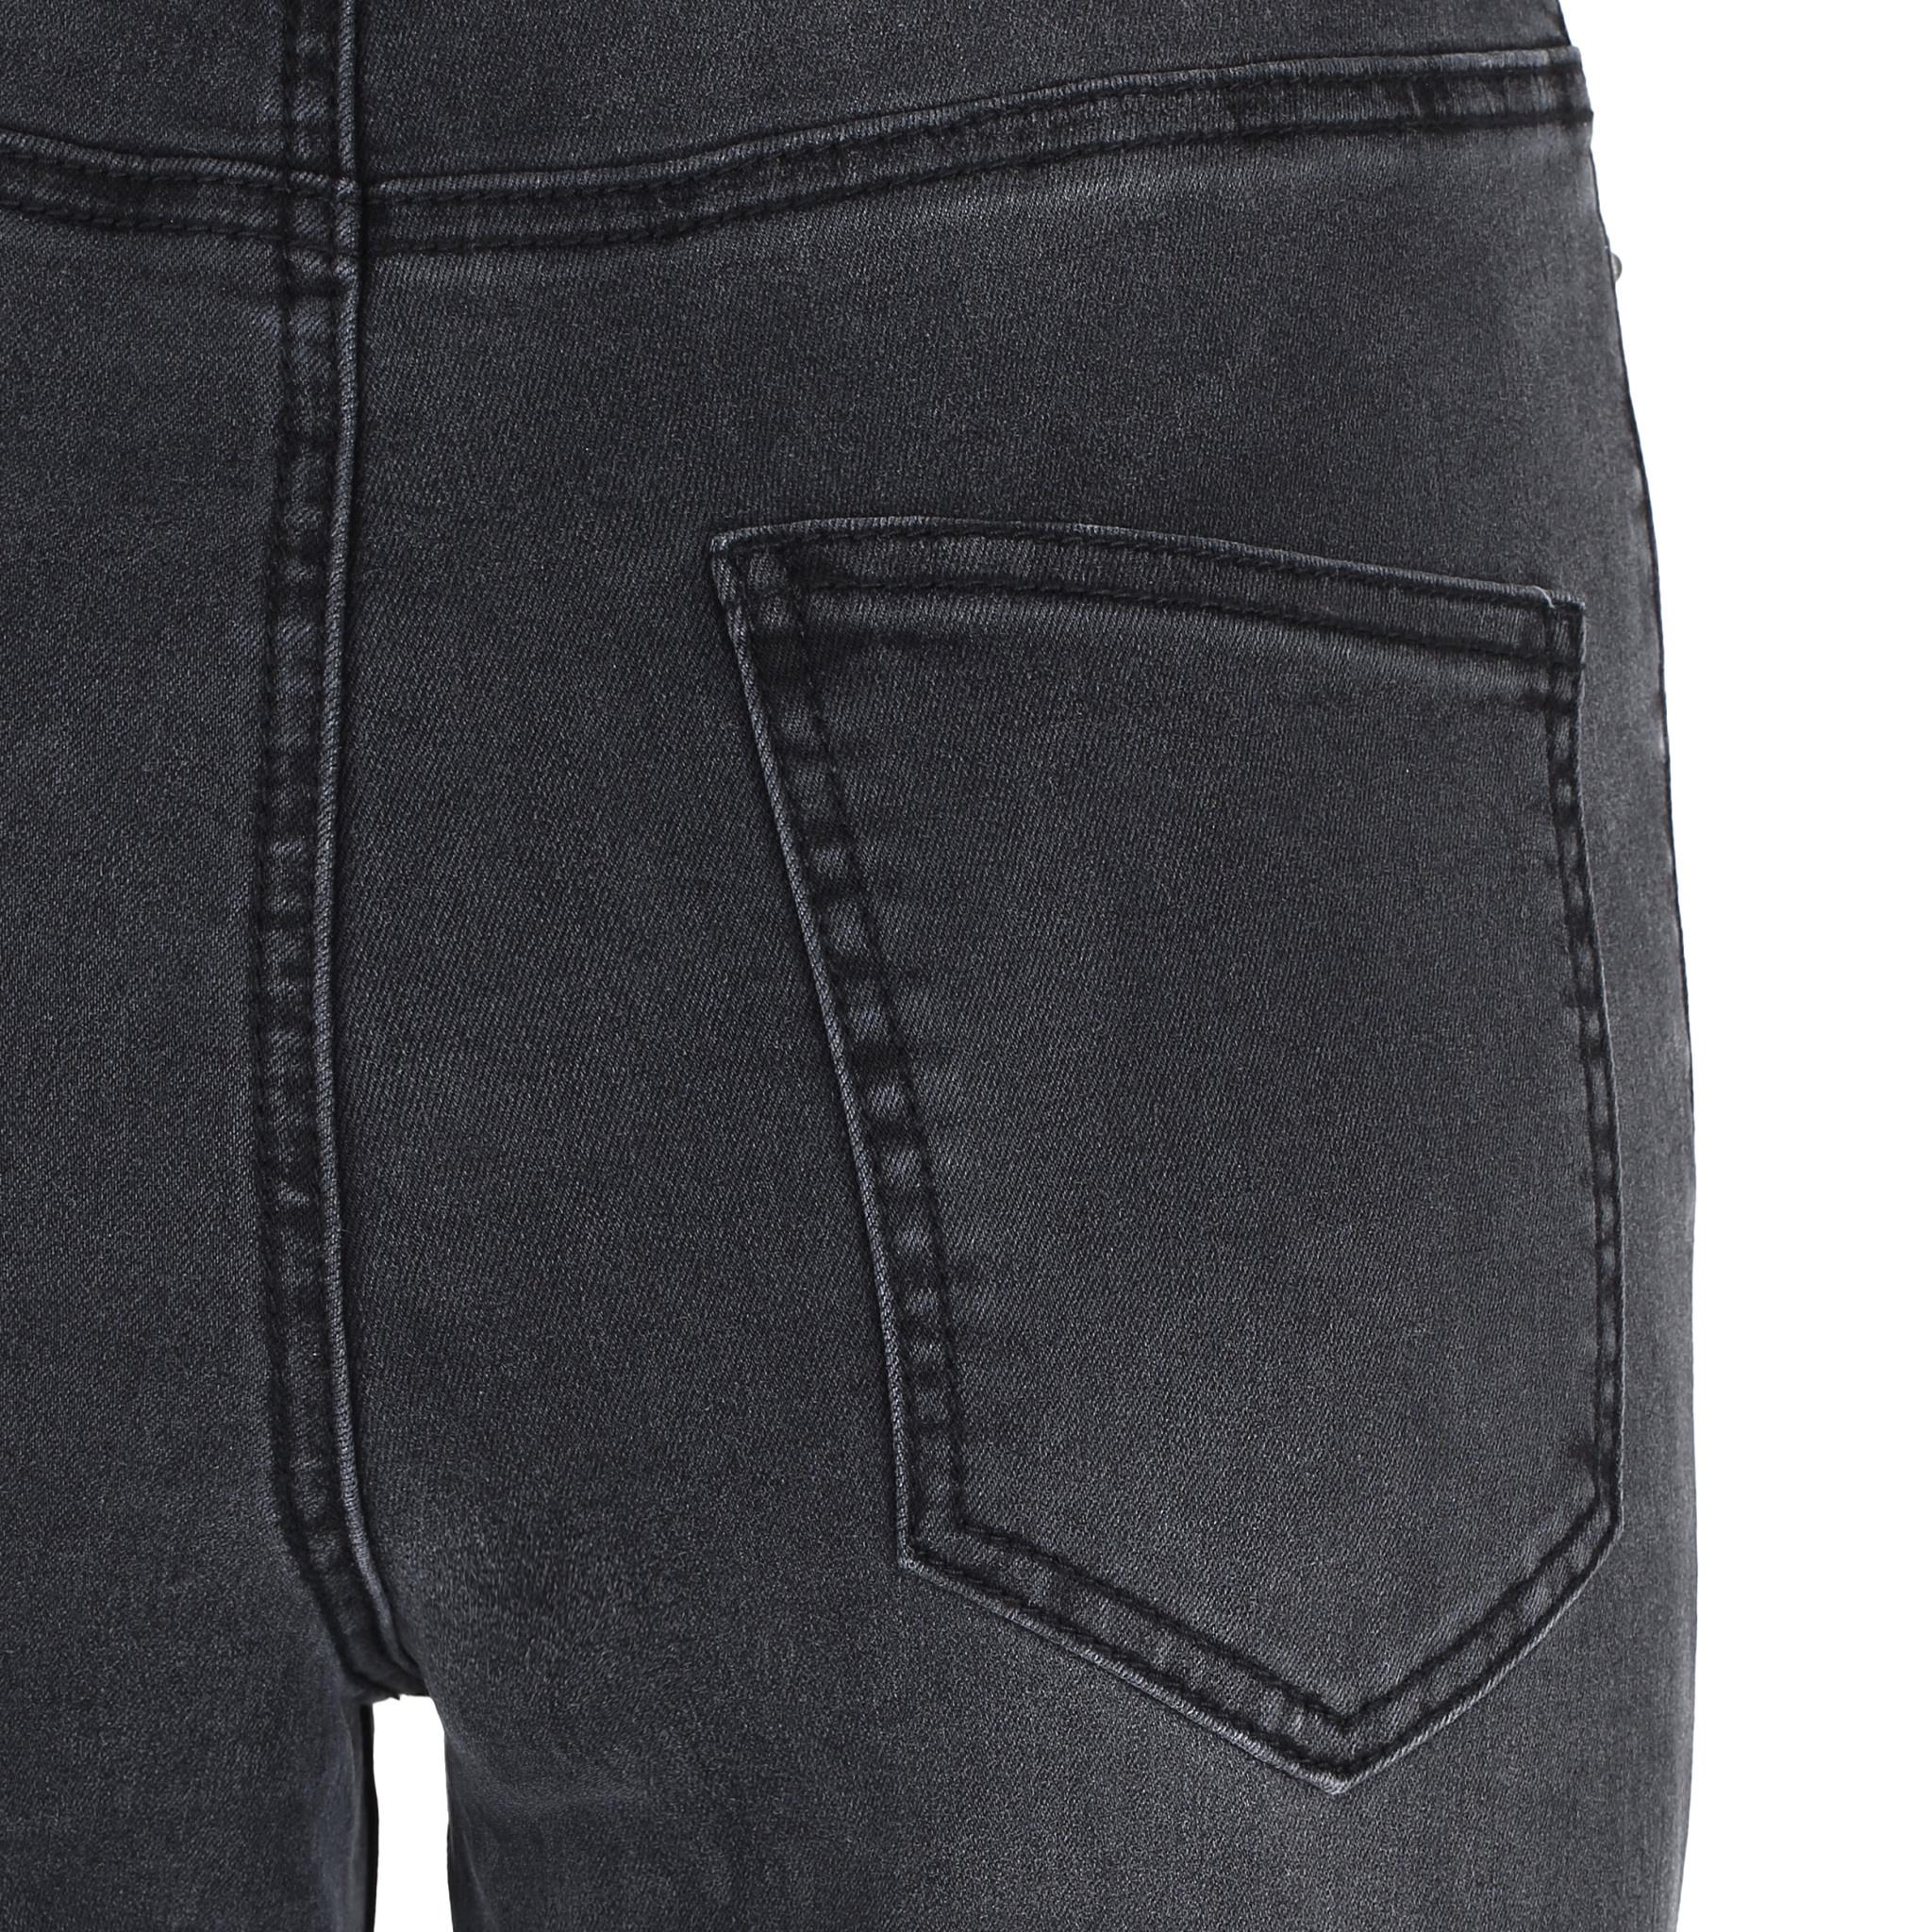 Soft Rebels Highwaist button jeans